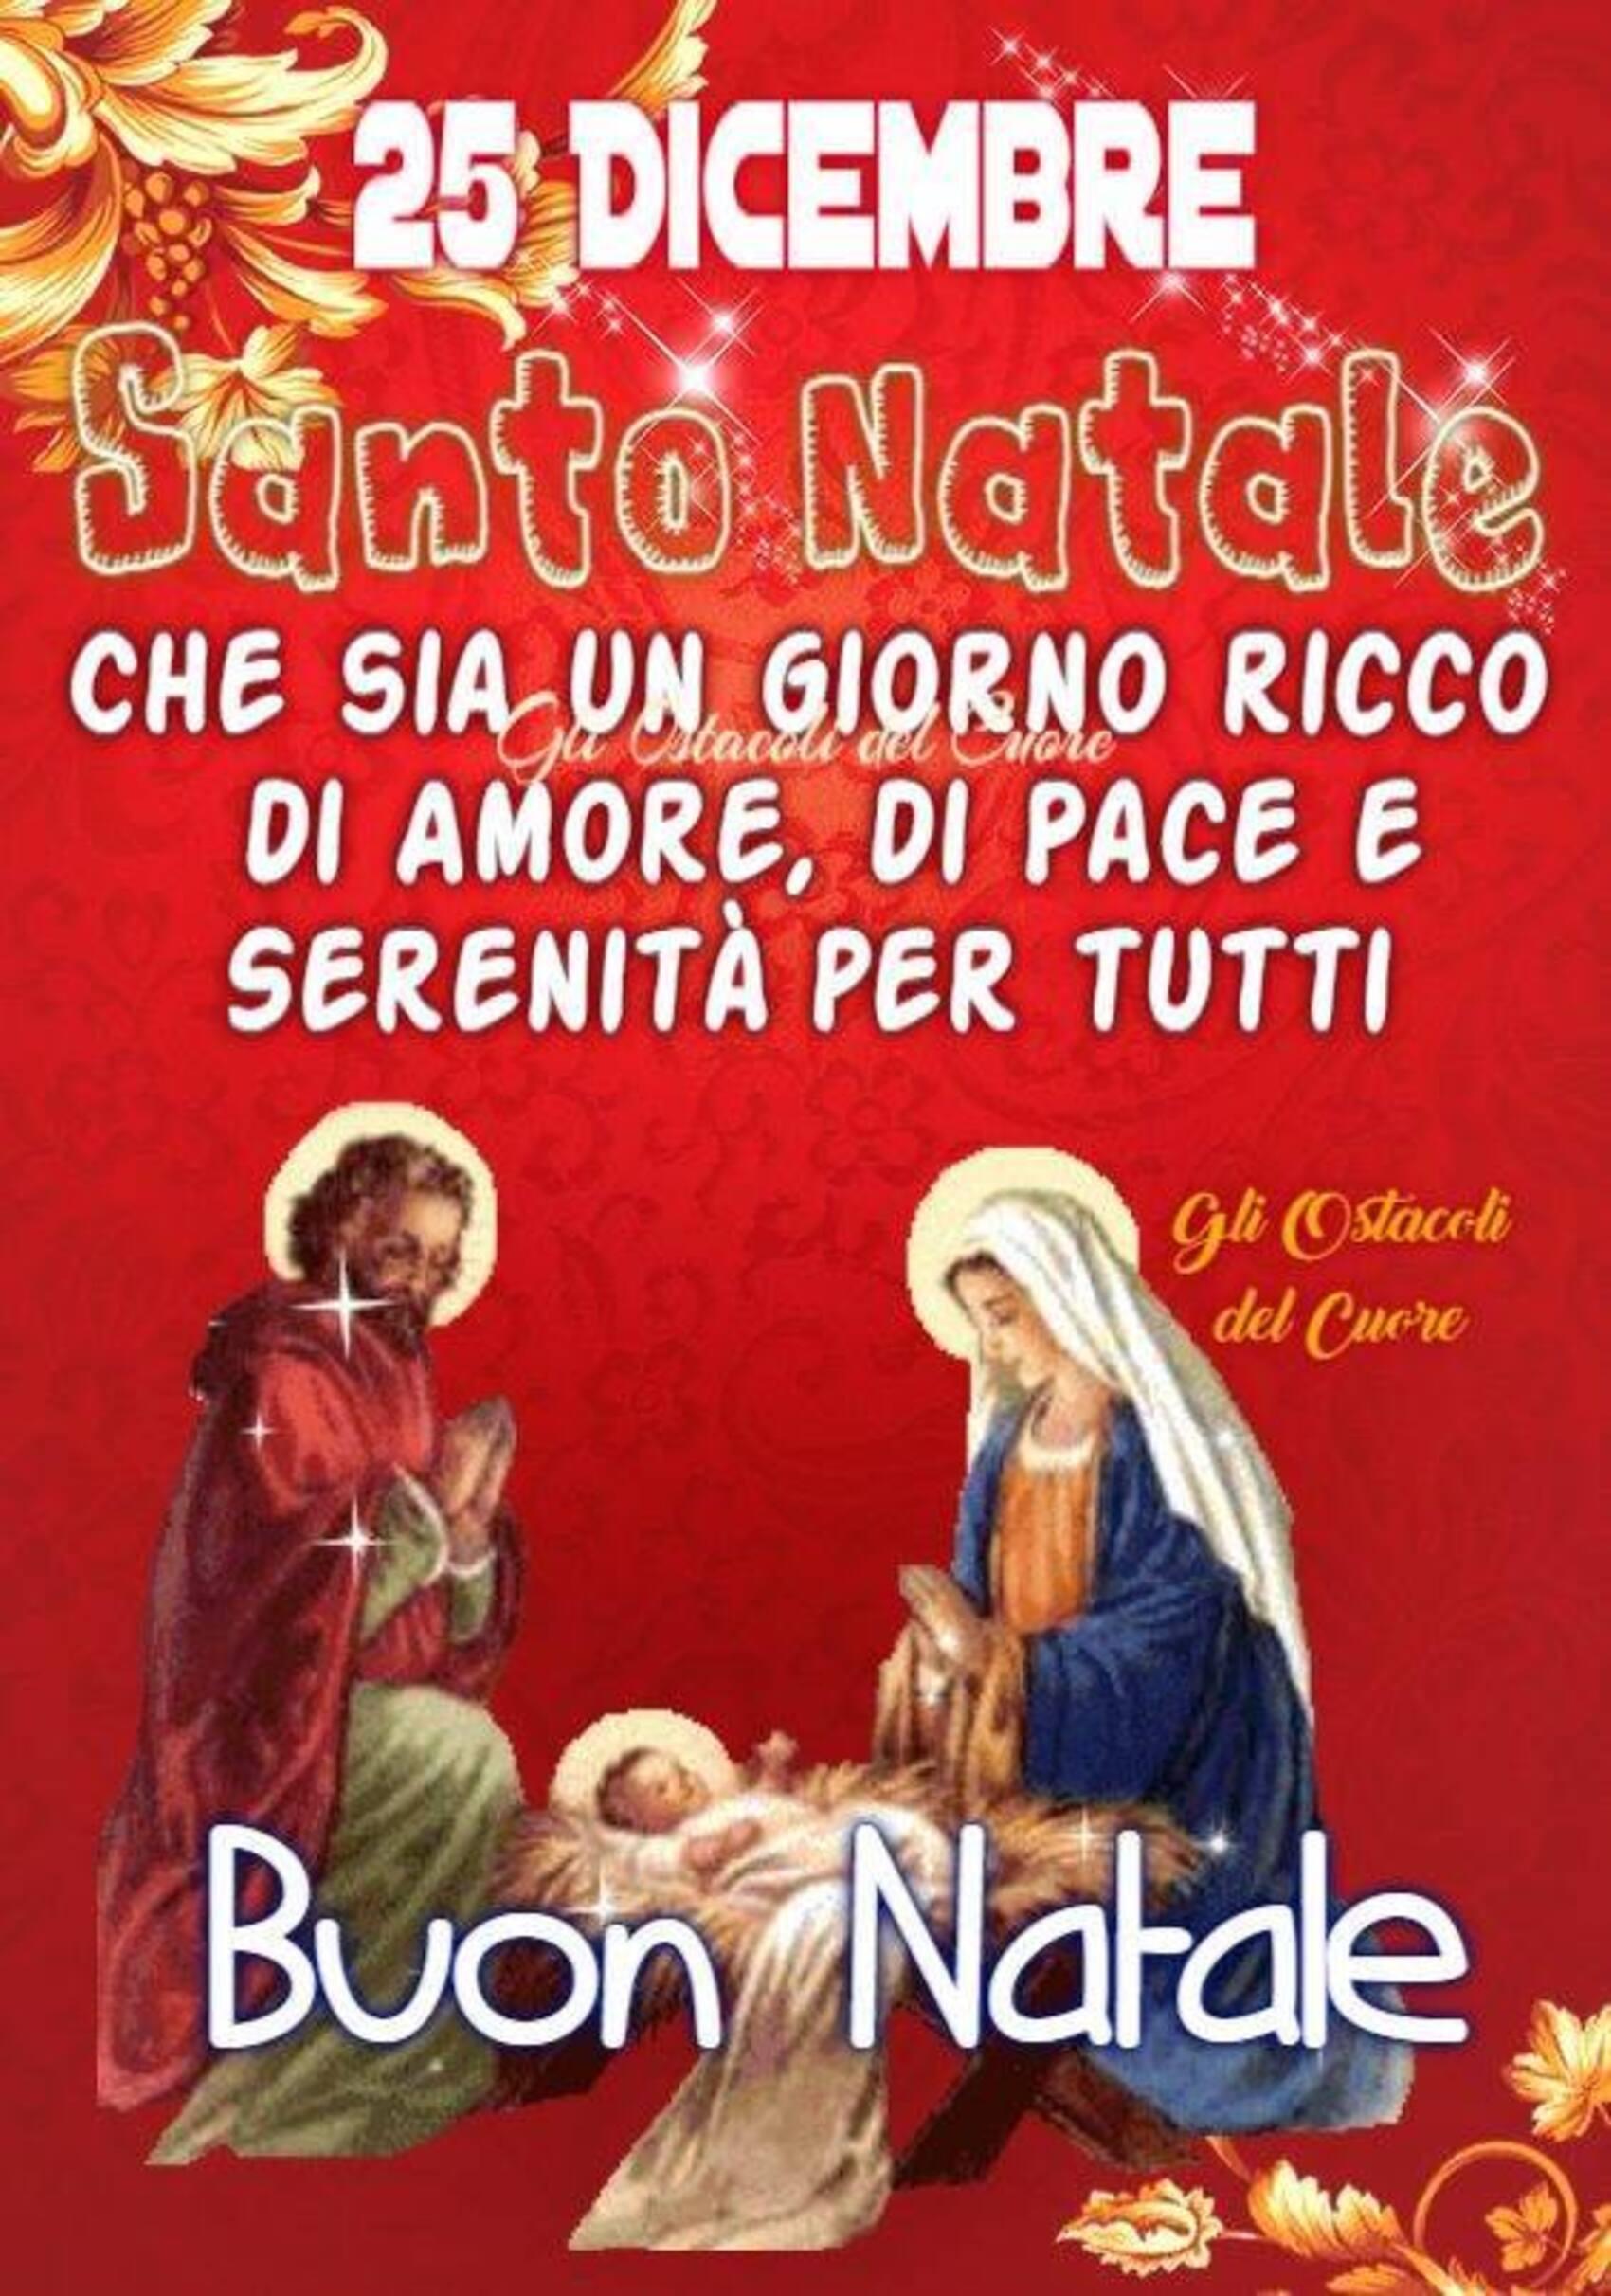 25 dicembre Santo Natale